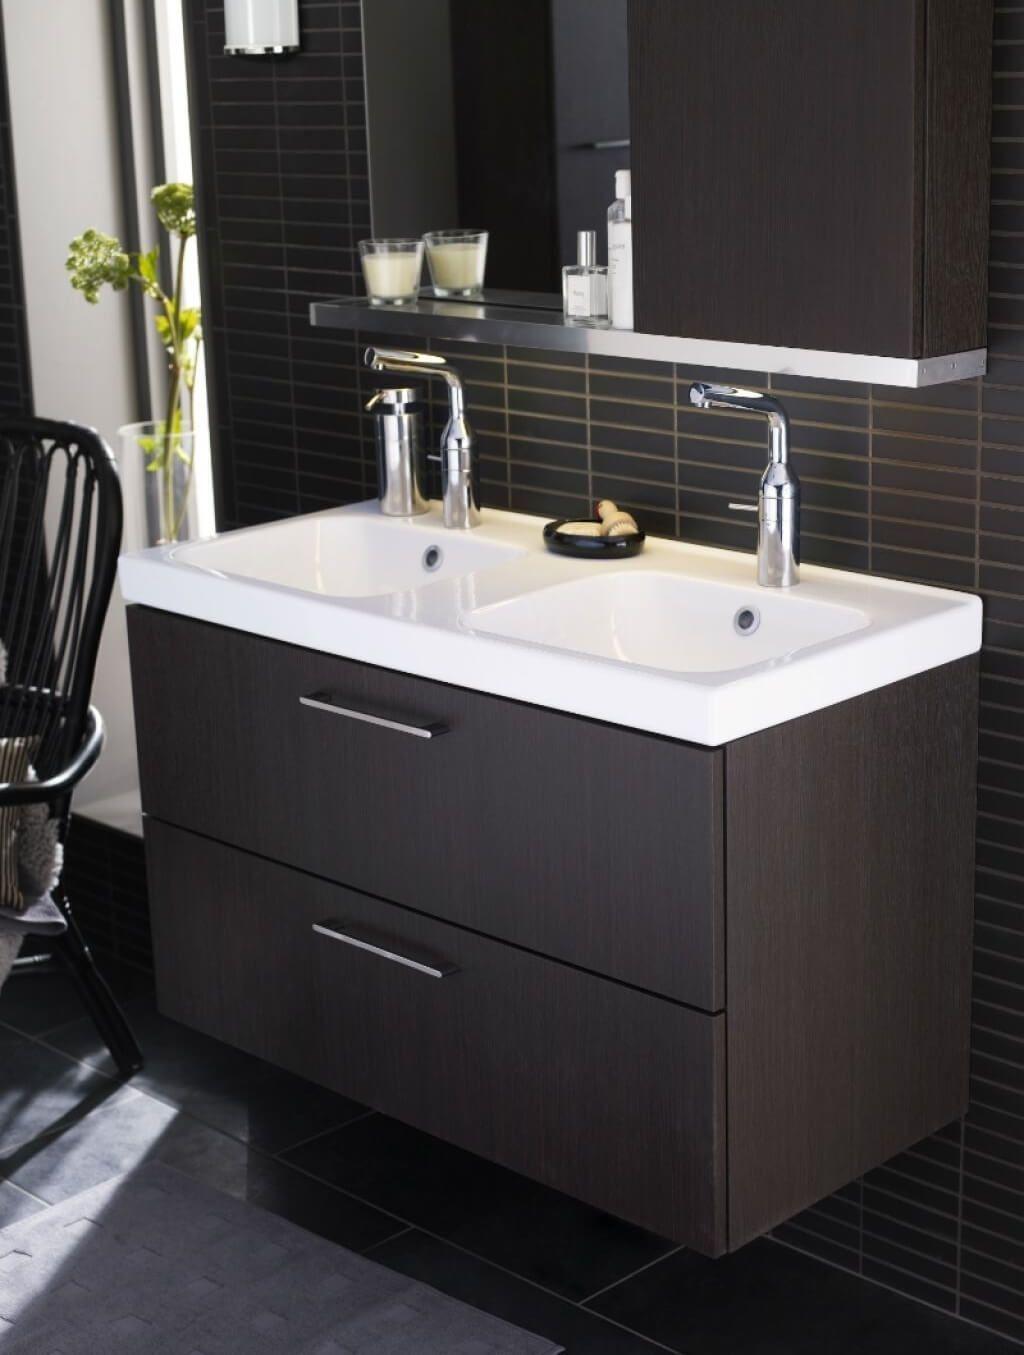 Pin Von Julie Sabbatini Auf Bathroom Rentals Ikea Badezimmer Badezimmerwaschtisch Badezimmer Waschbecken